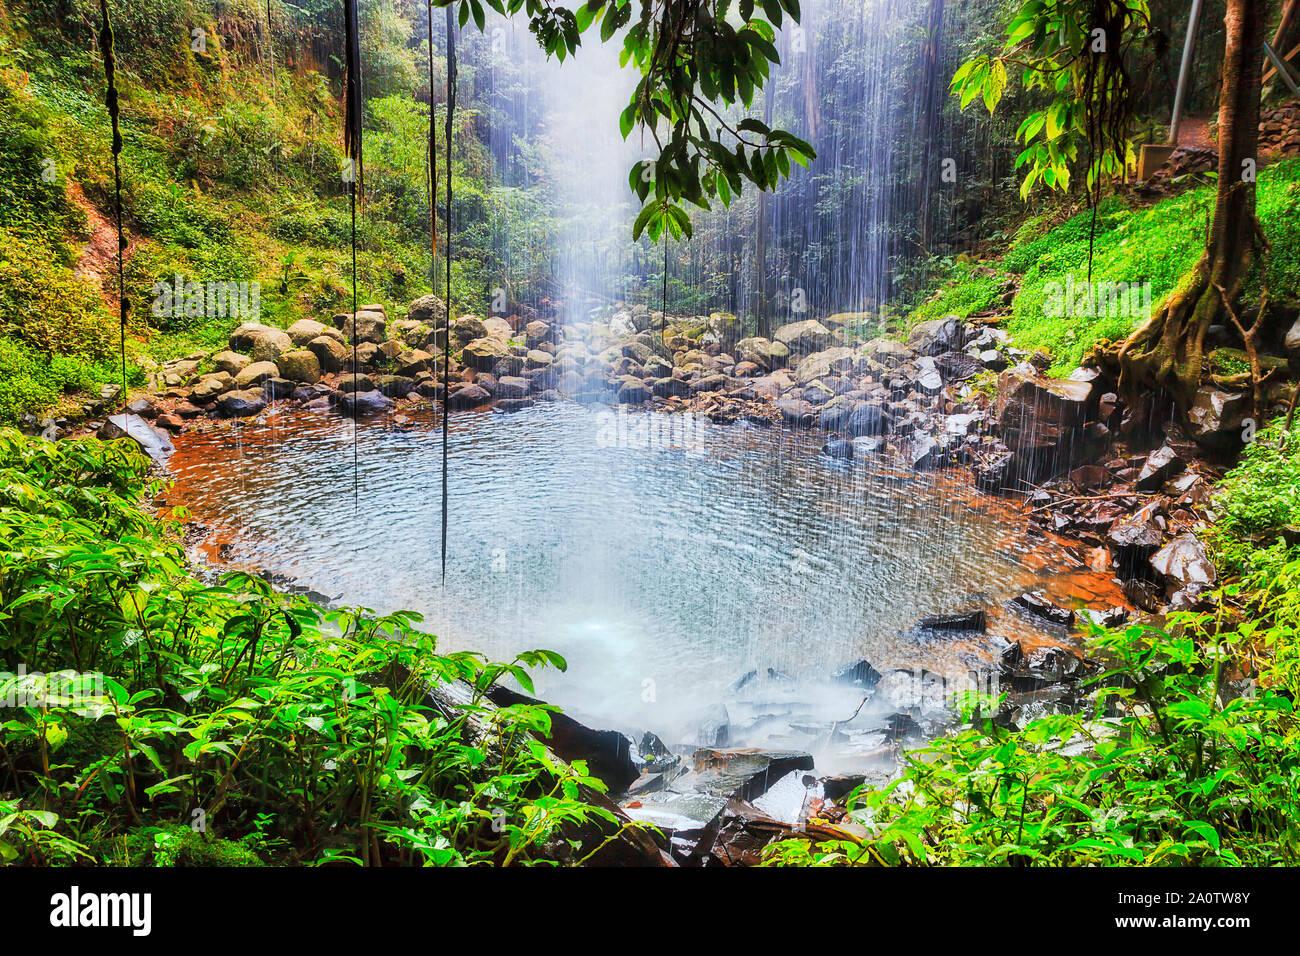 All'interno della cascata - Crystal rientrano in Dorrigo parco nazionale dell'Australia - antica foresta pluviale, parte del continente Gondwana. Flusso di acqua che ricade verso il basso per r Foto Stock